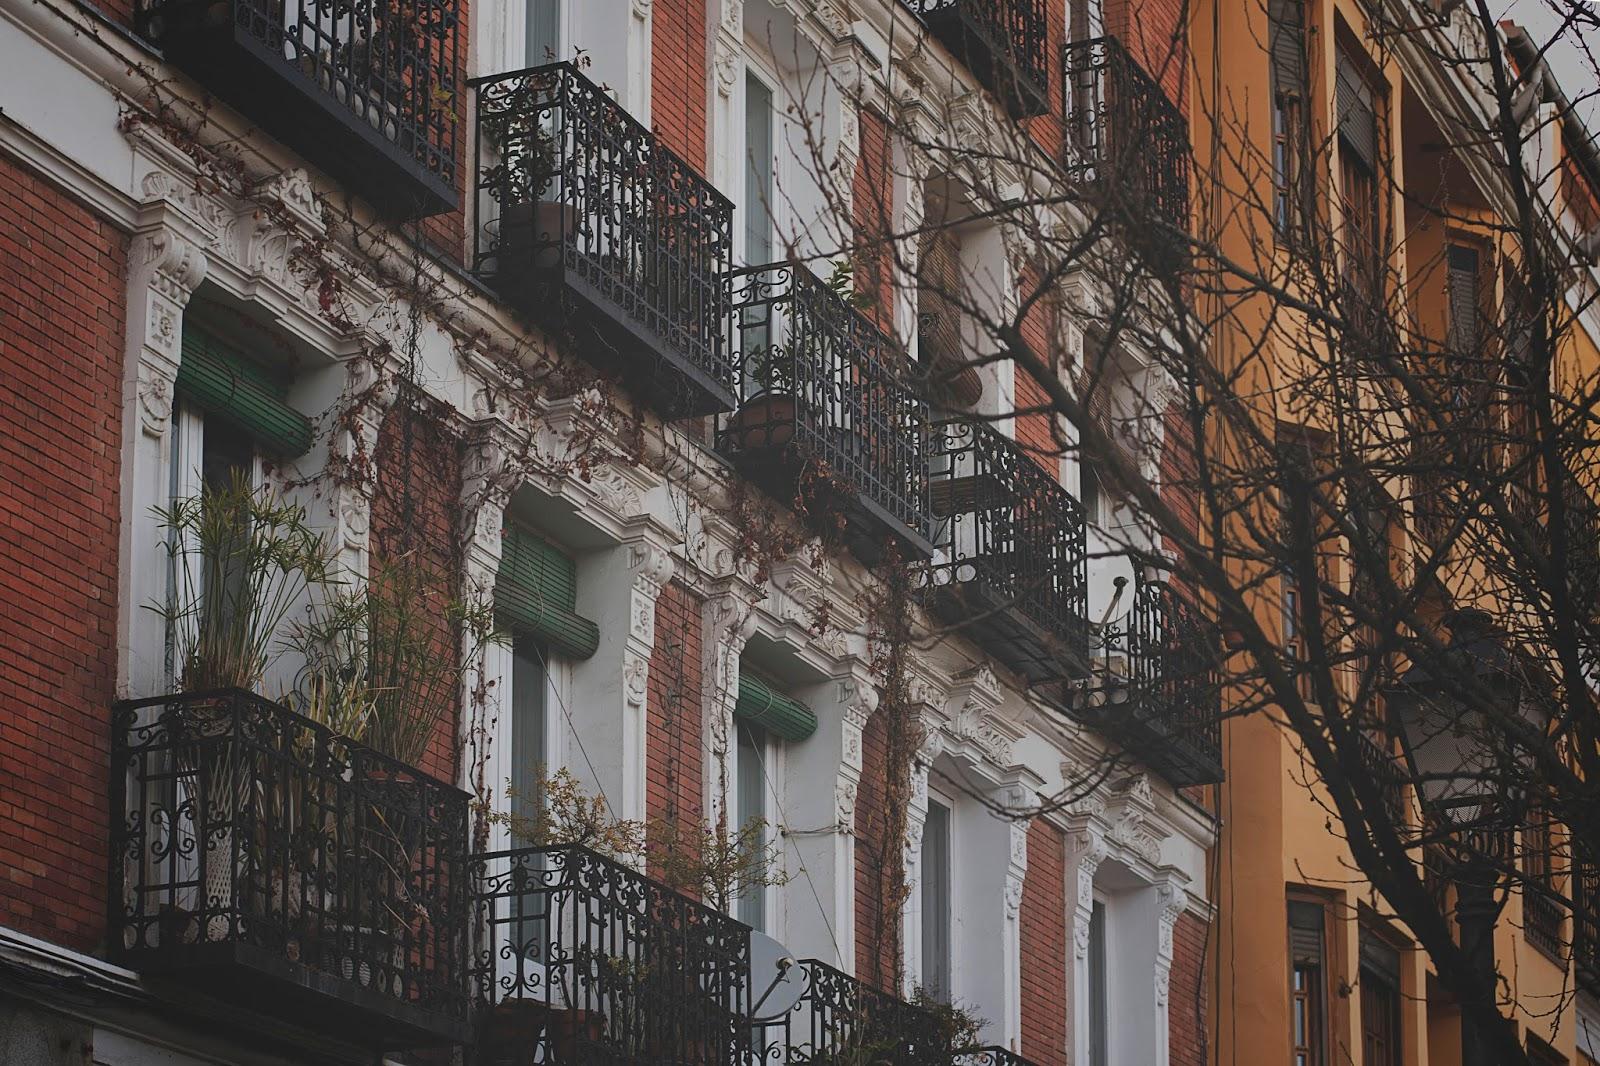 las calles mas bellas de madrid